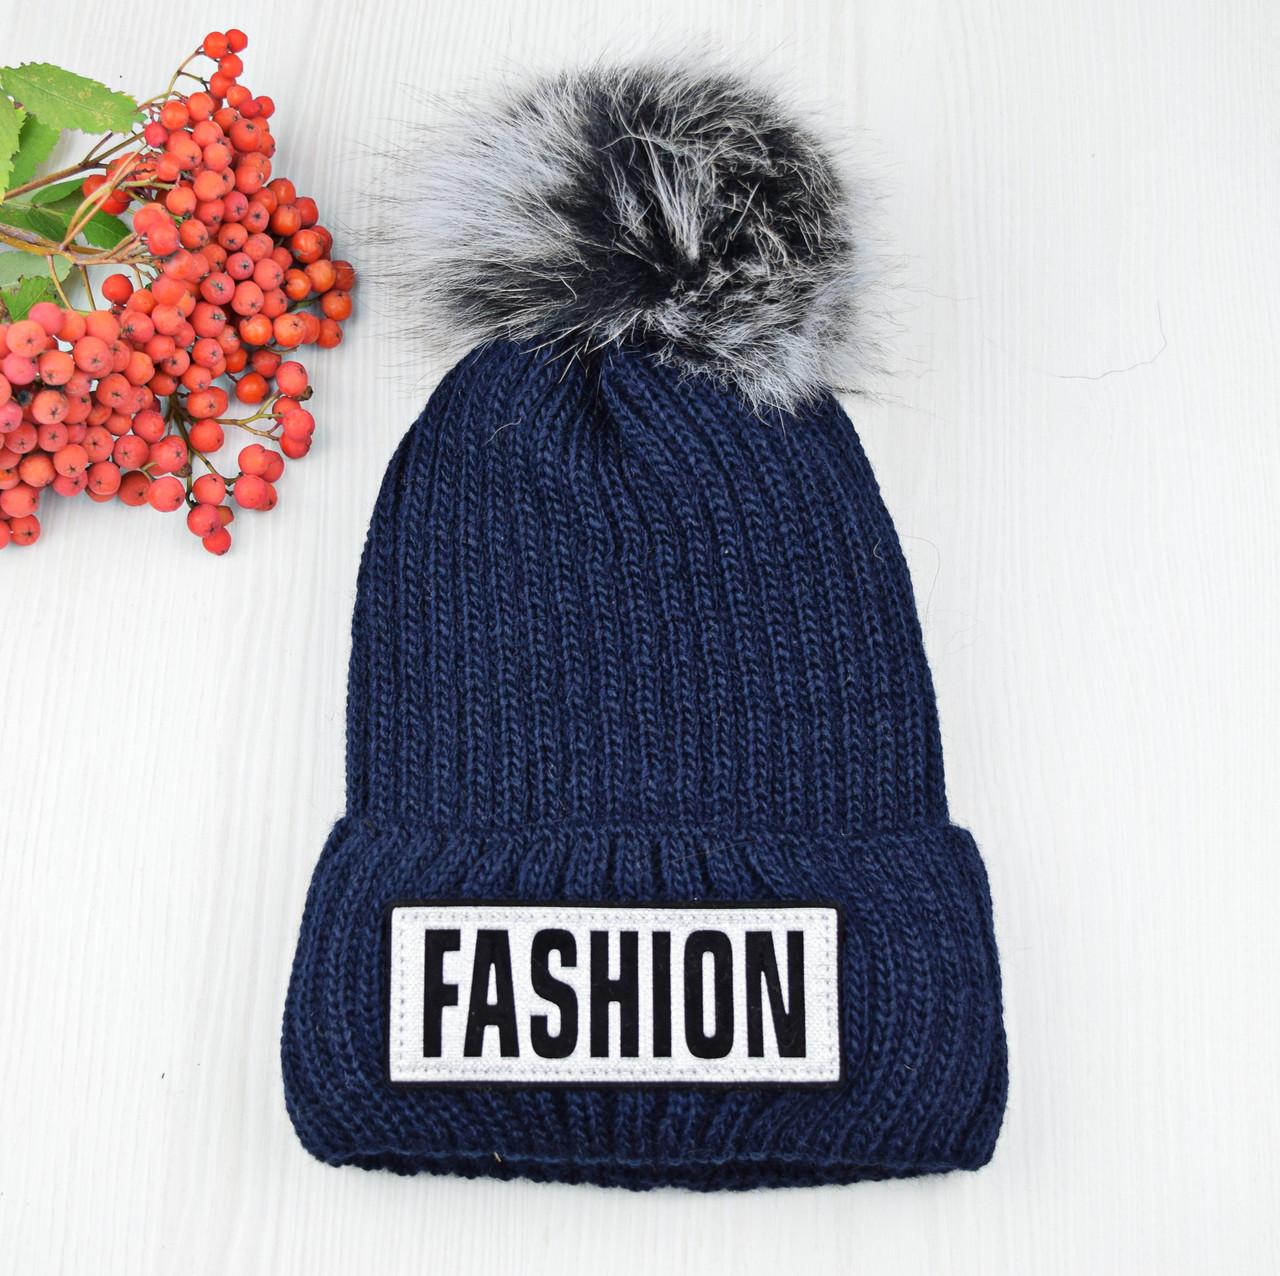 """Женская шапка """"Fashion"""" Темно-синяя - шапка на полном флисе с помпоном Топ"""